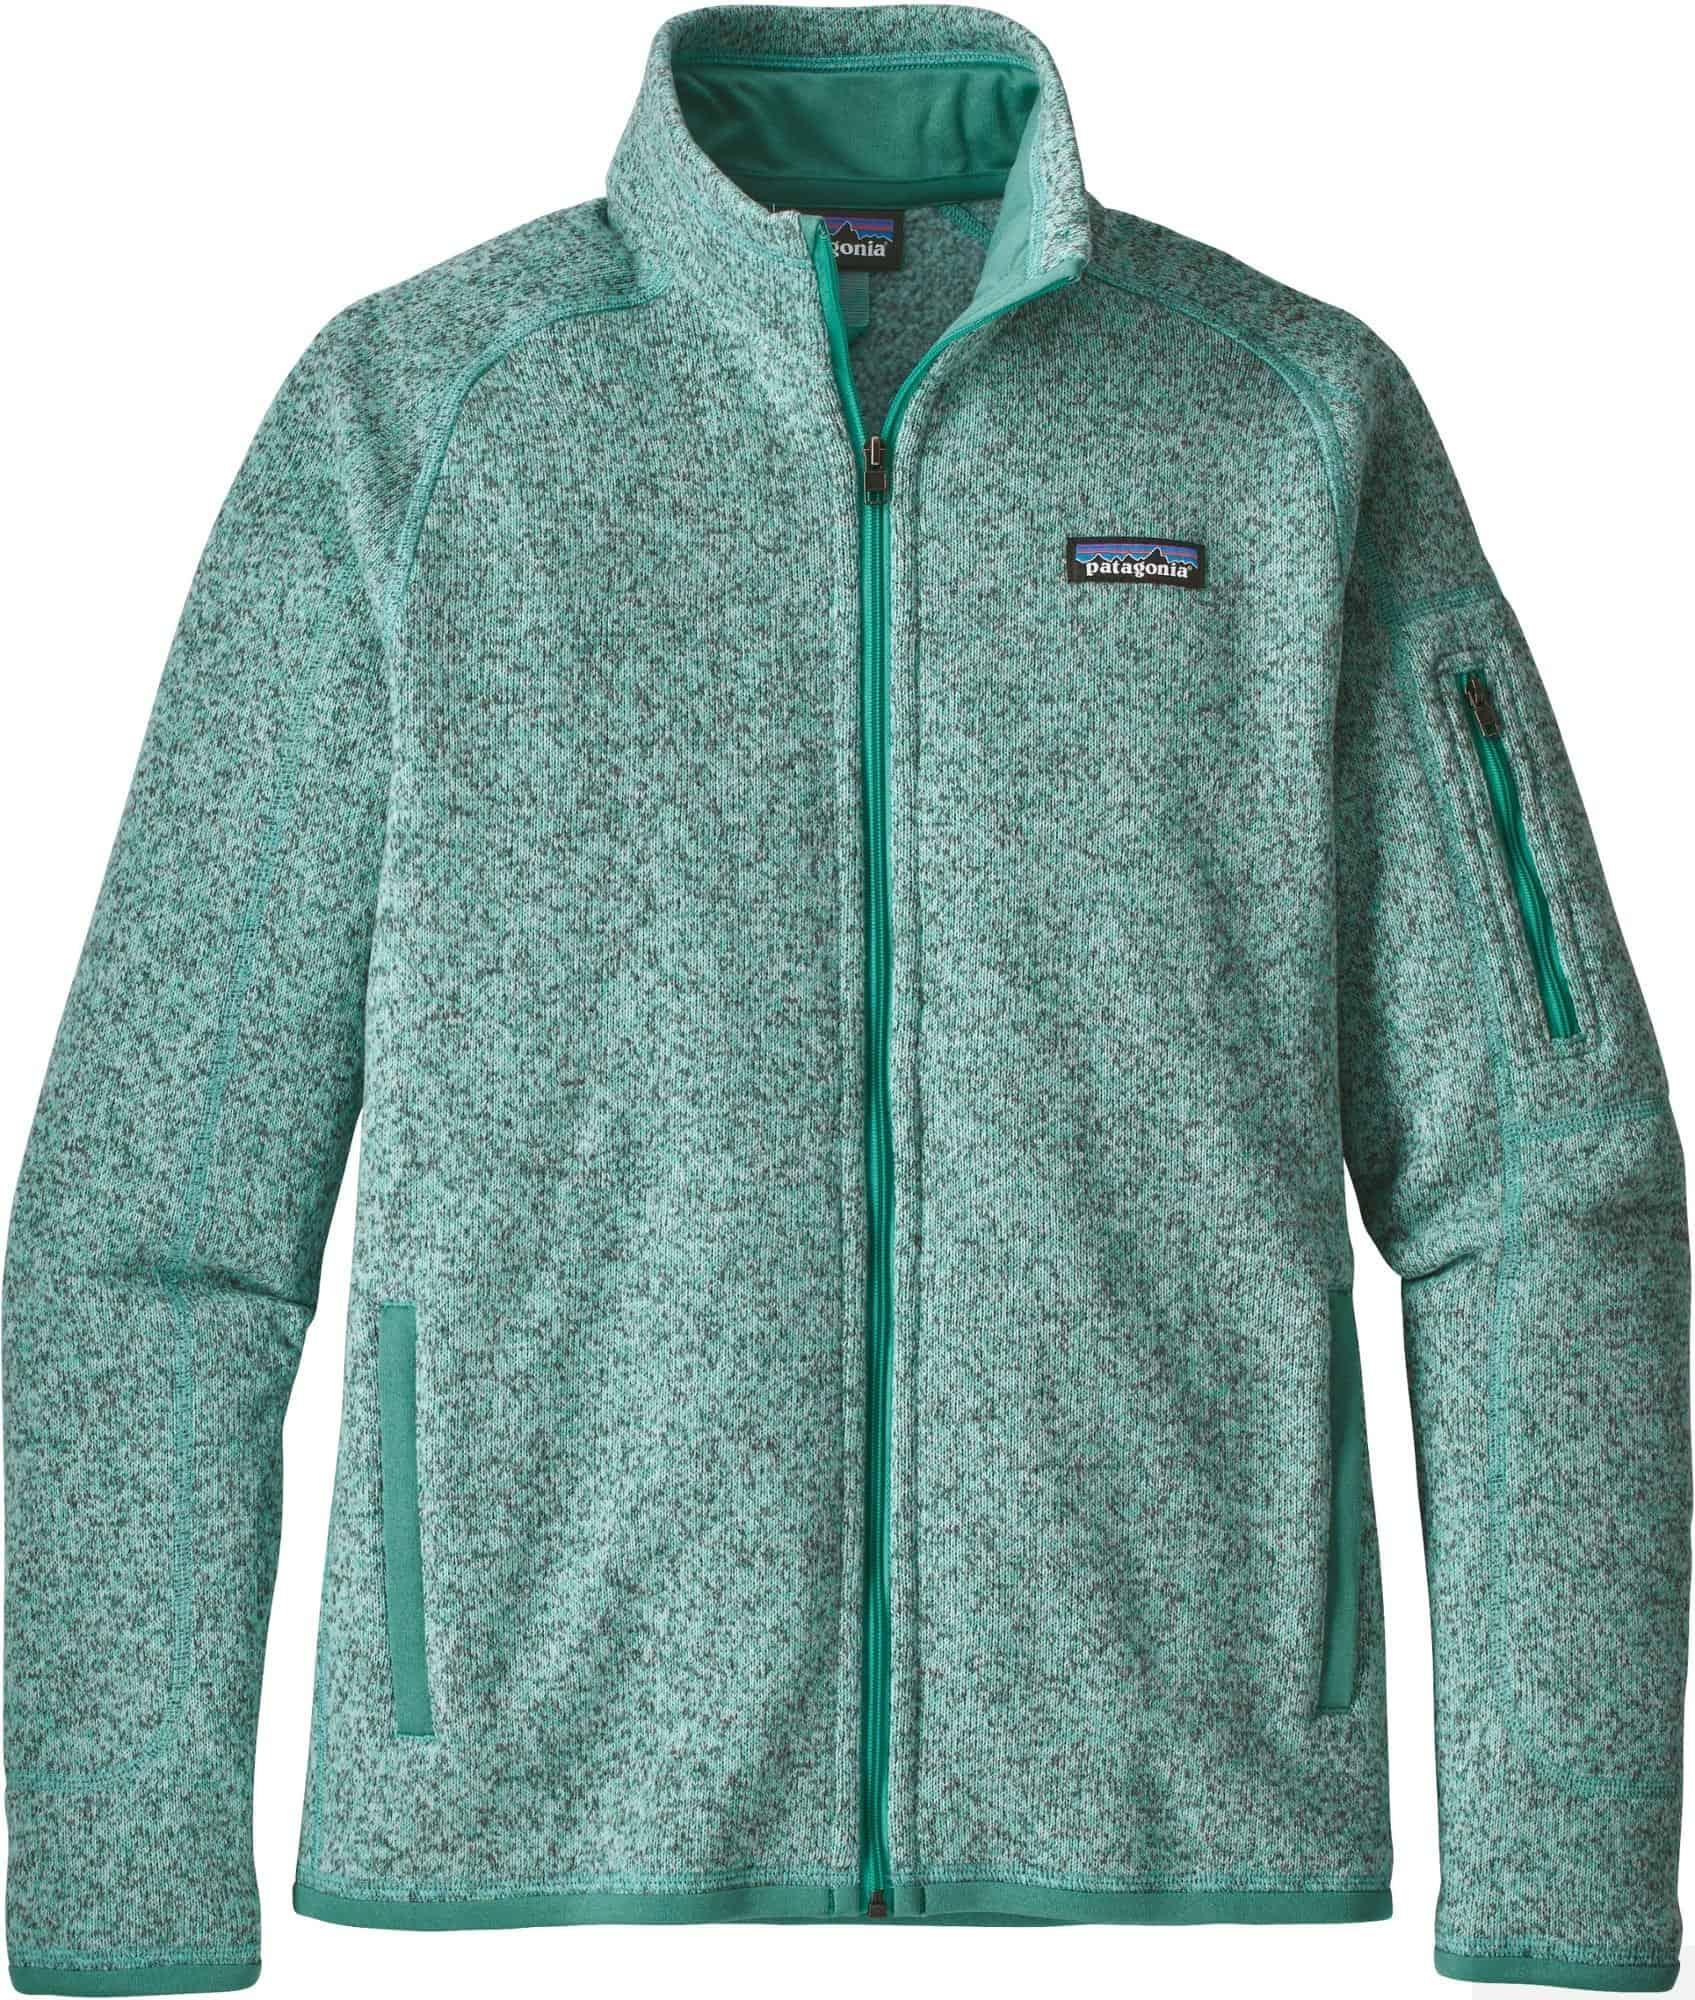 Better Sweater Fleece Jacket - Women